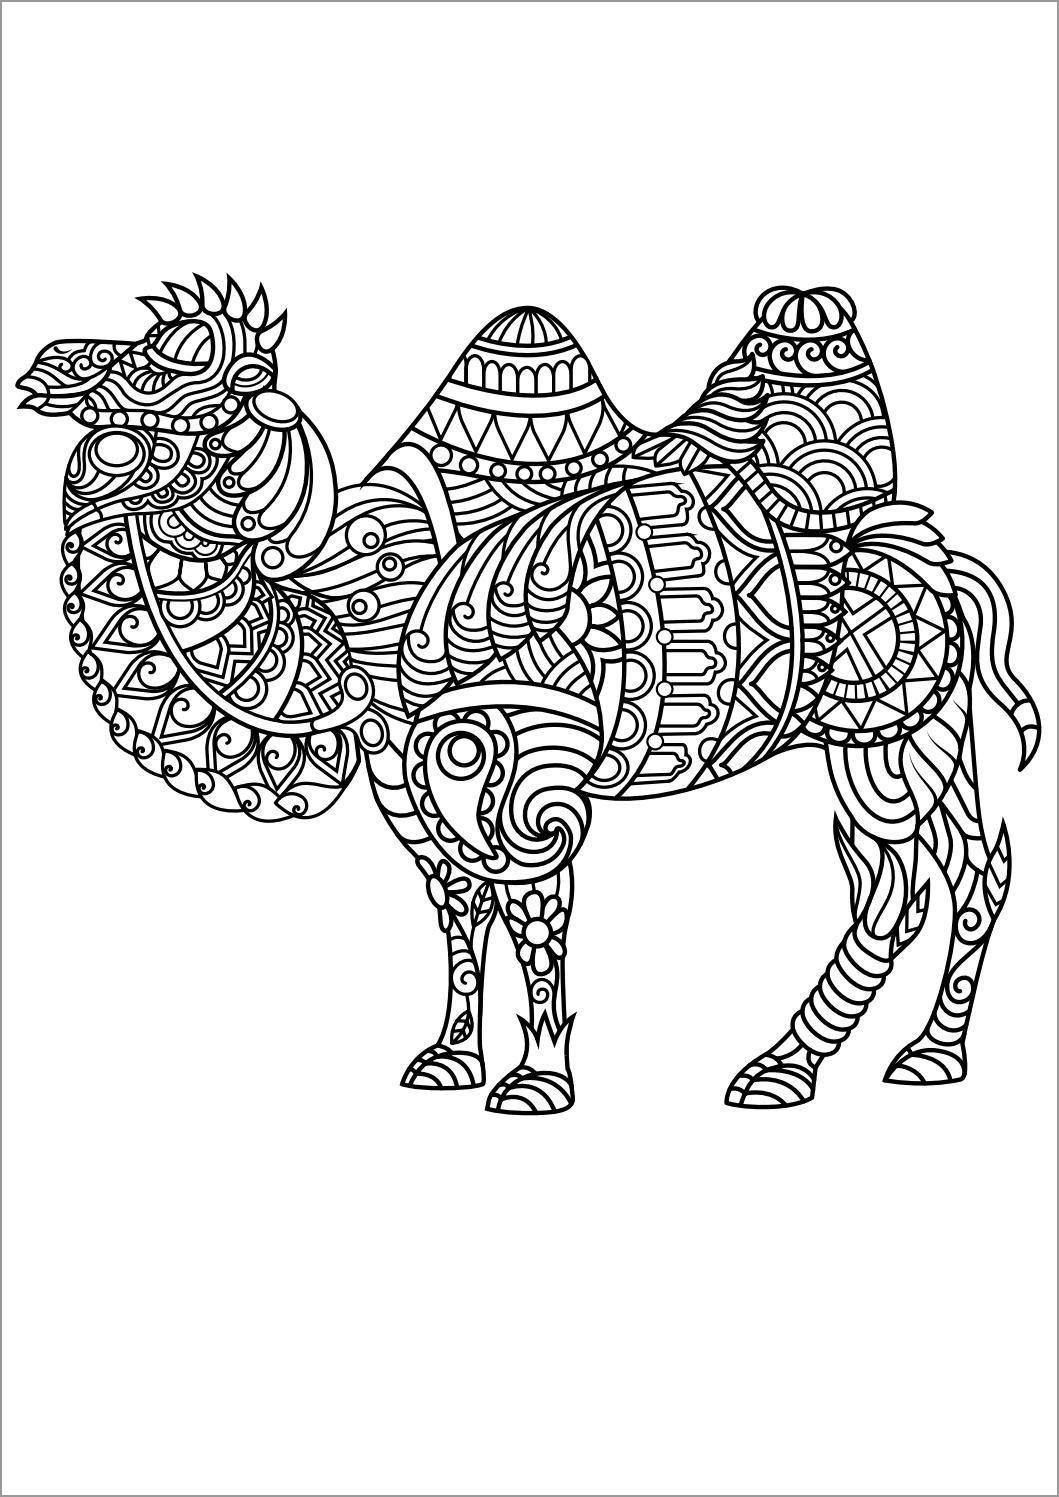 Animal Mandala Coloring Pages - ColoringBay | colouring pages mandala animals